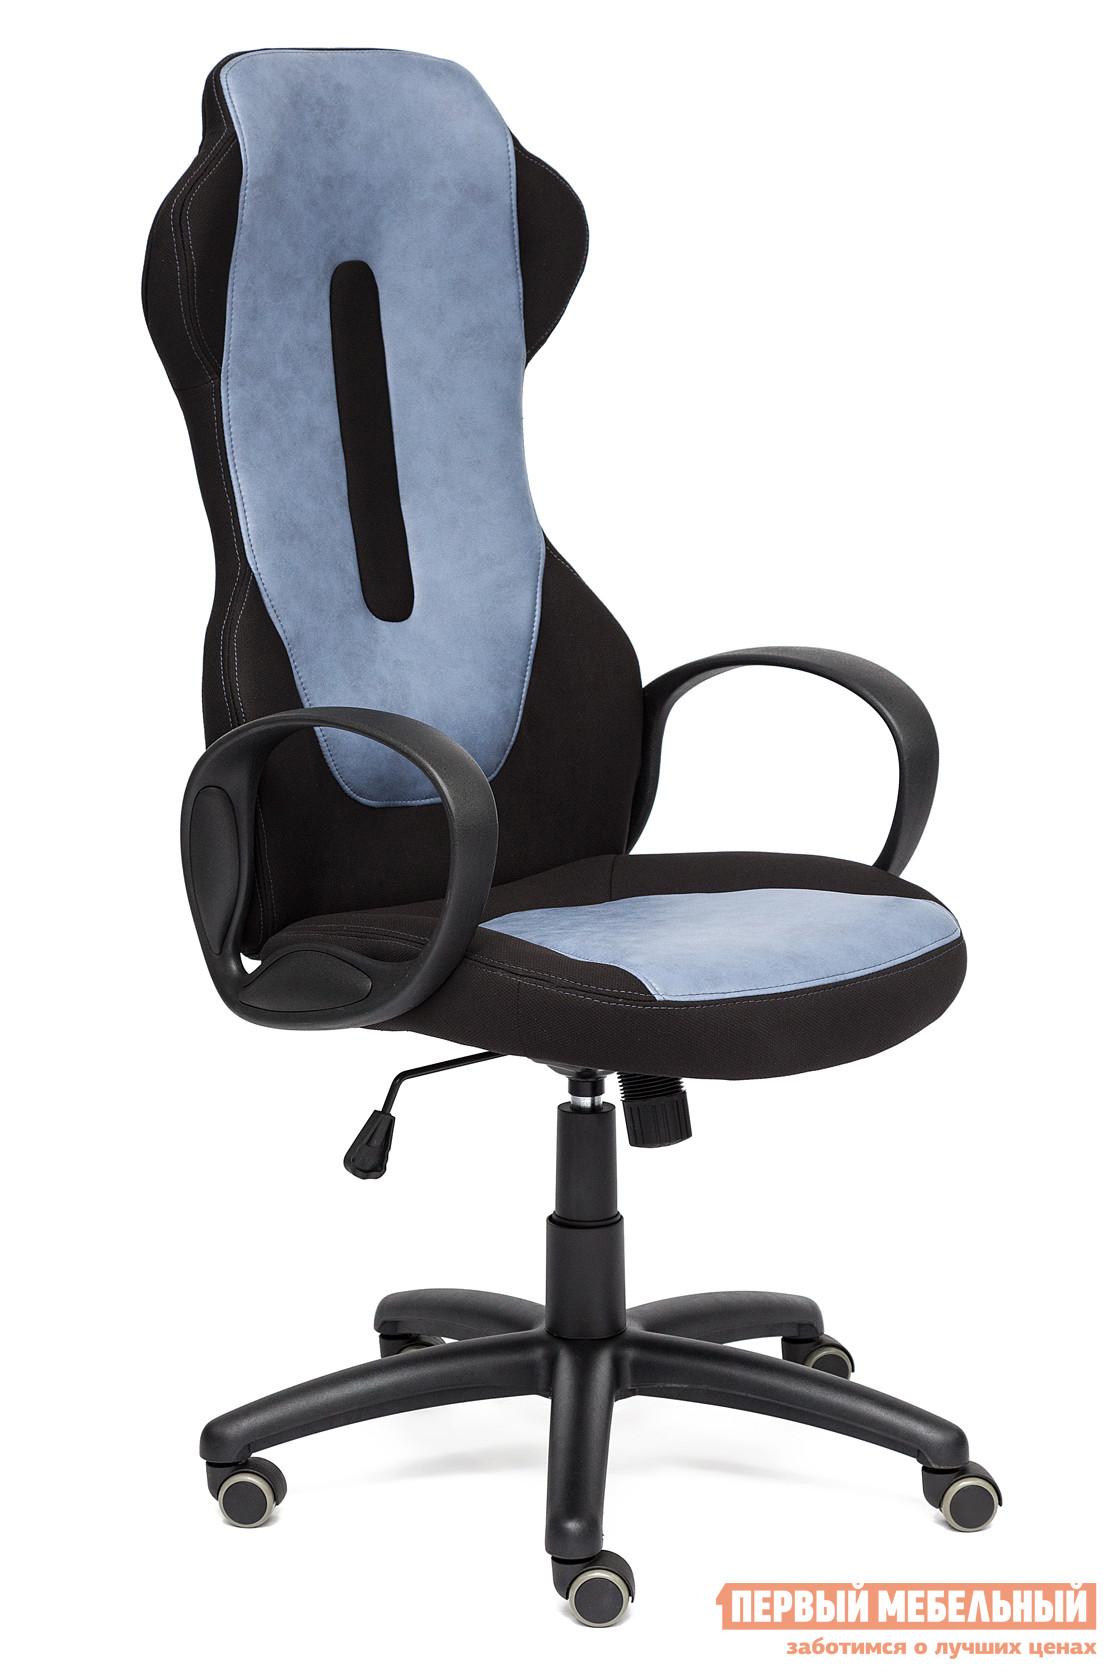 Офисное кресло Tetchair Alien офисное